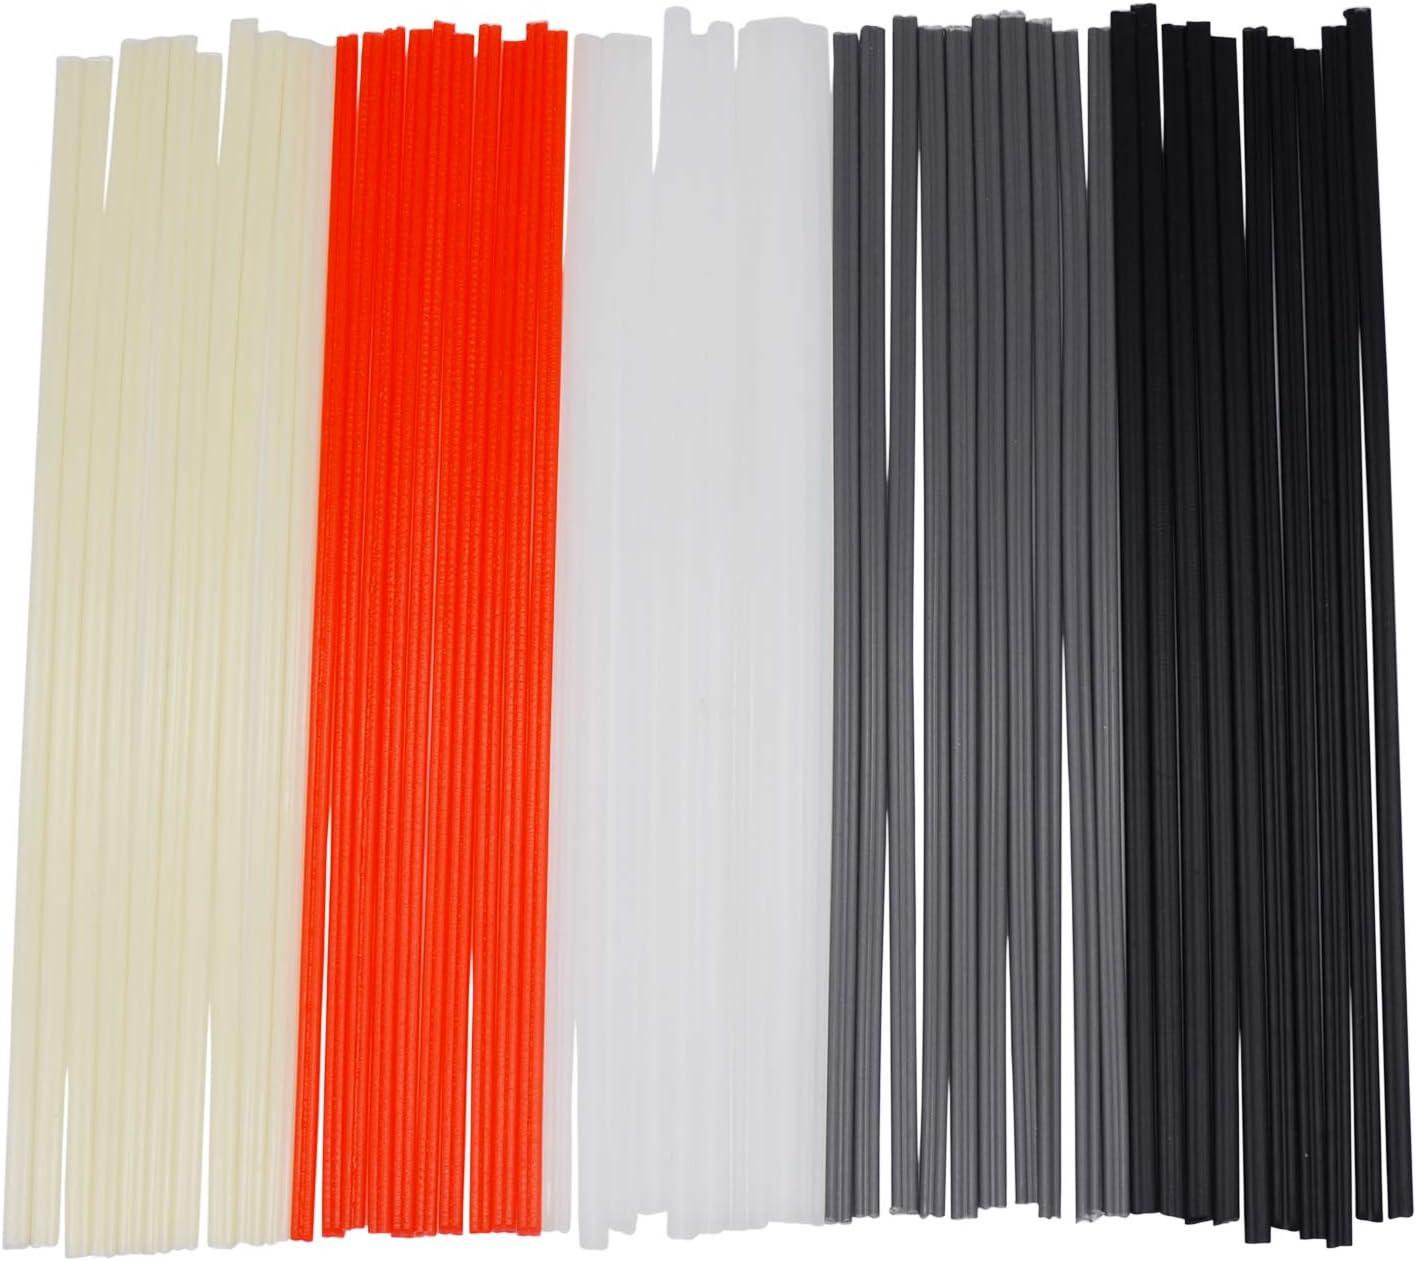 New sales EGSTAOR 50PCS Plastic Welding Rods New sales - PVC PP Ro PE Welder